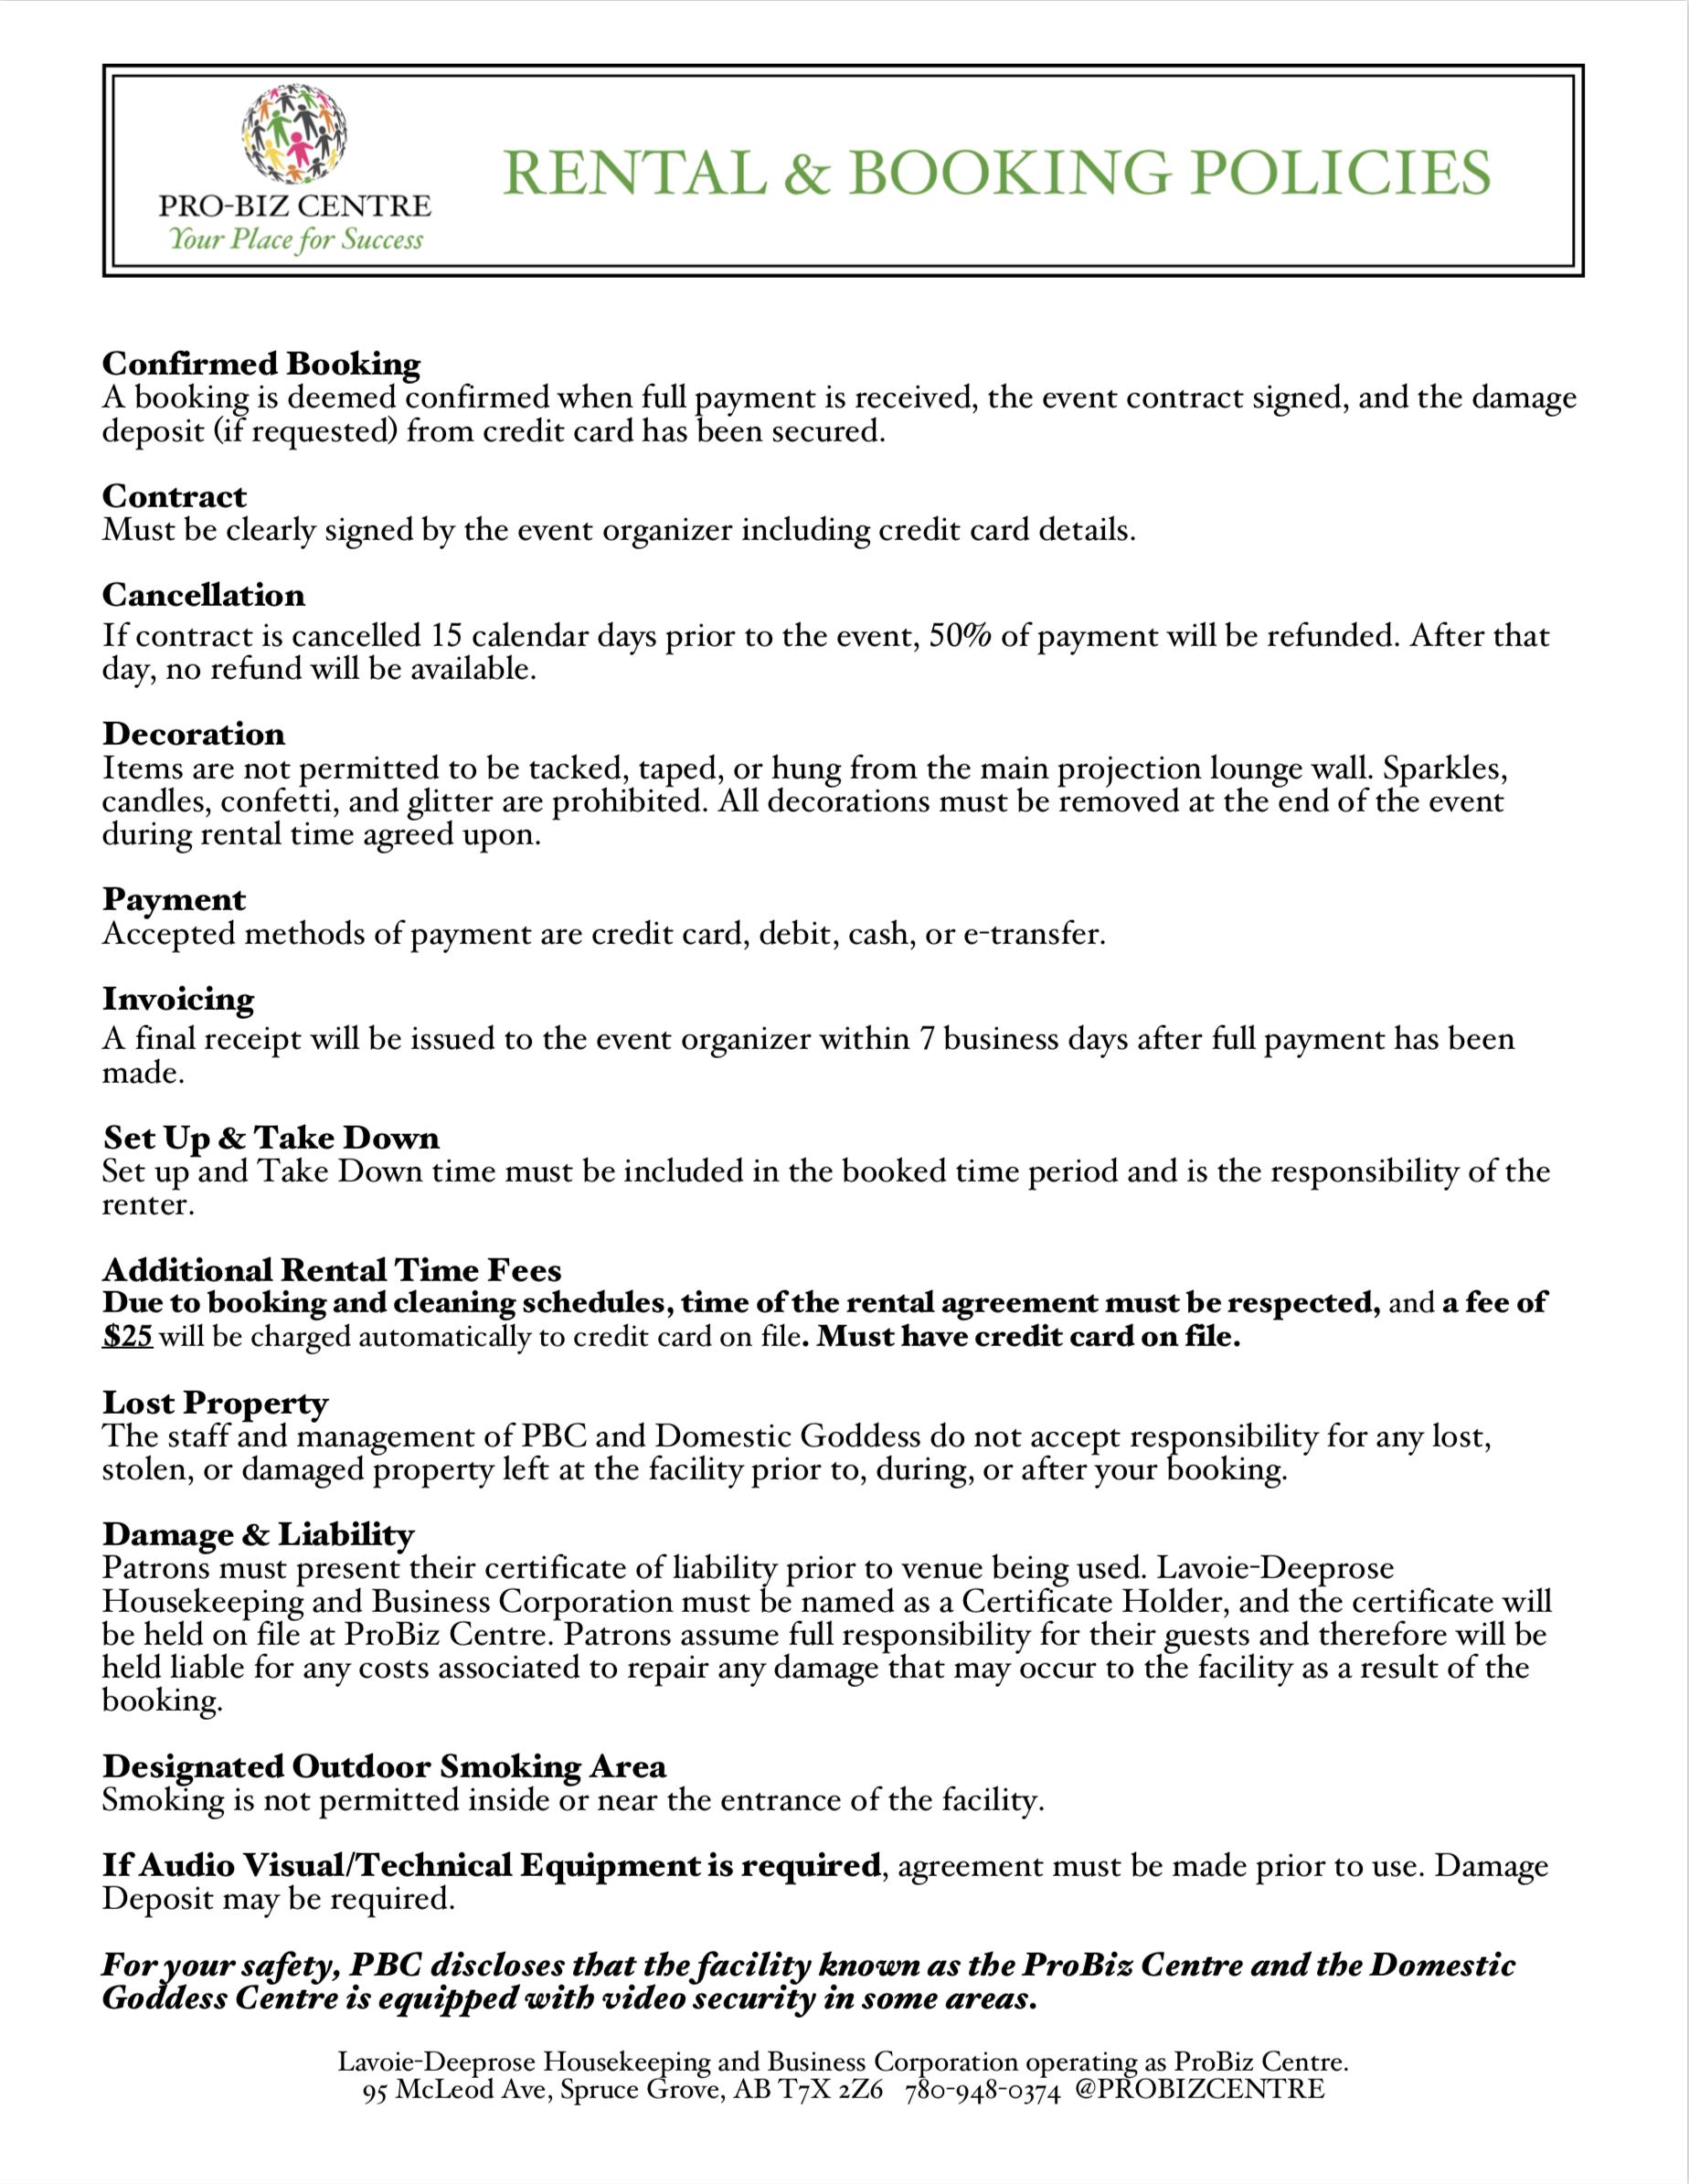 Rental & Booking Policies -